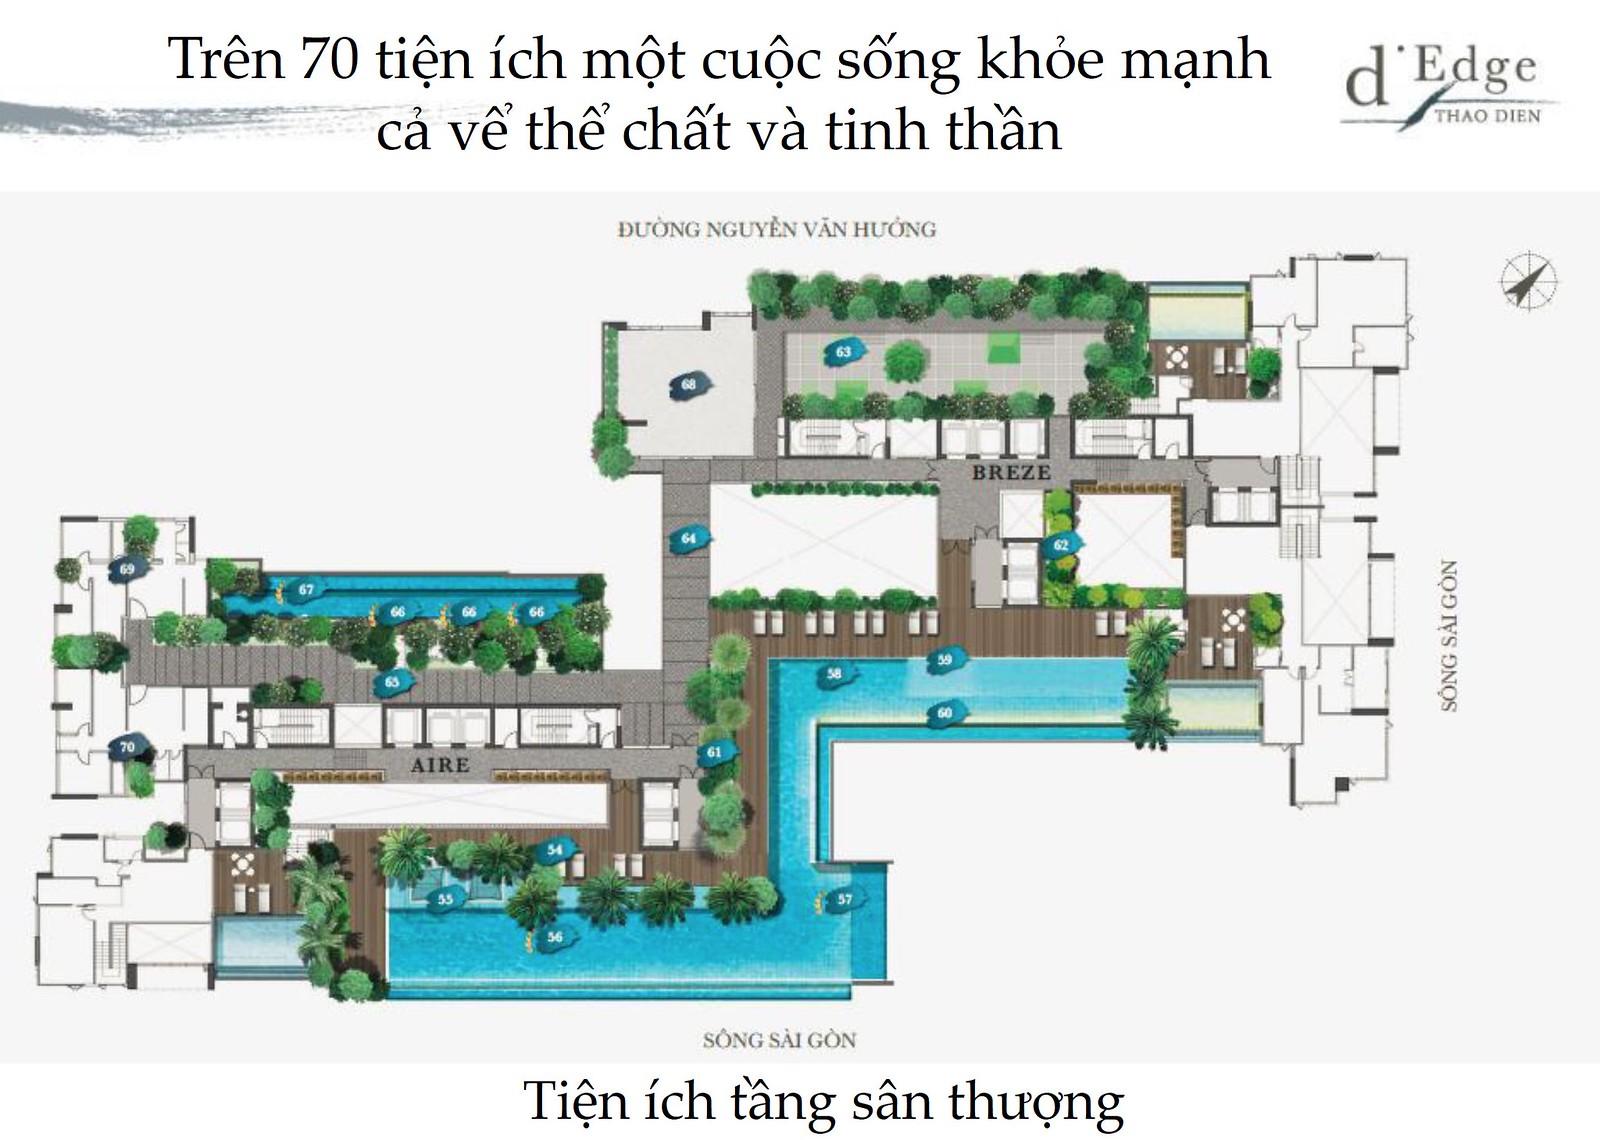 tiện ích sân thượng tại D'Edge Thảo Điền